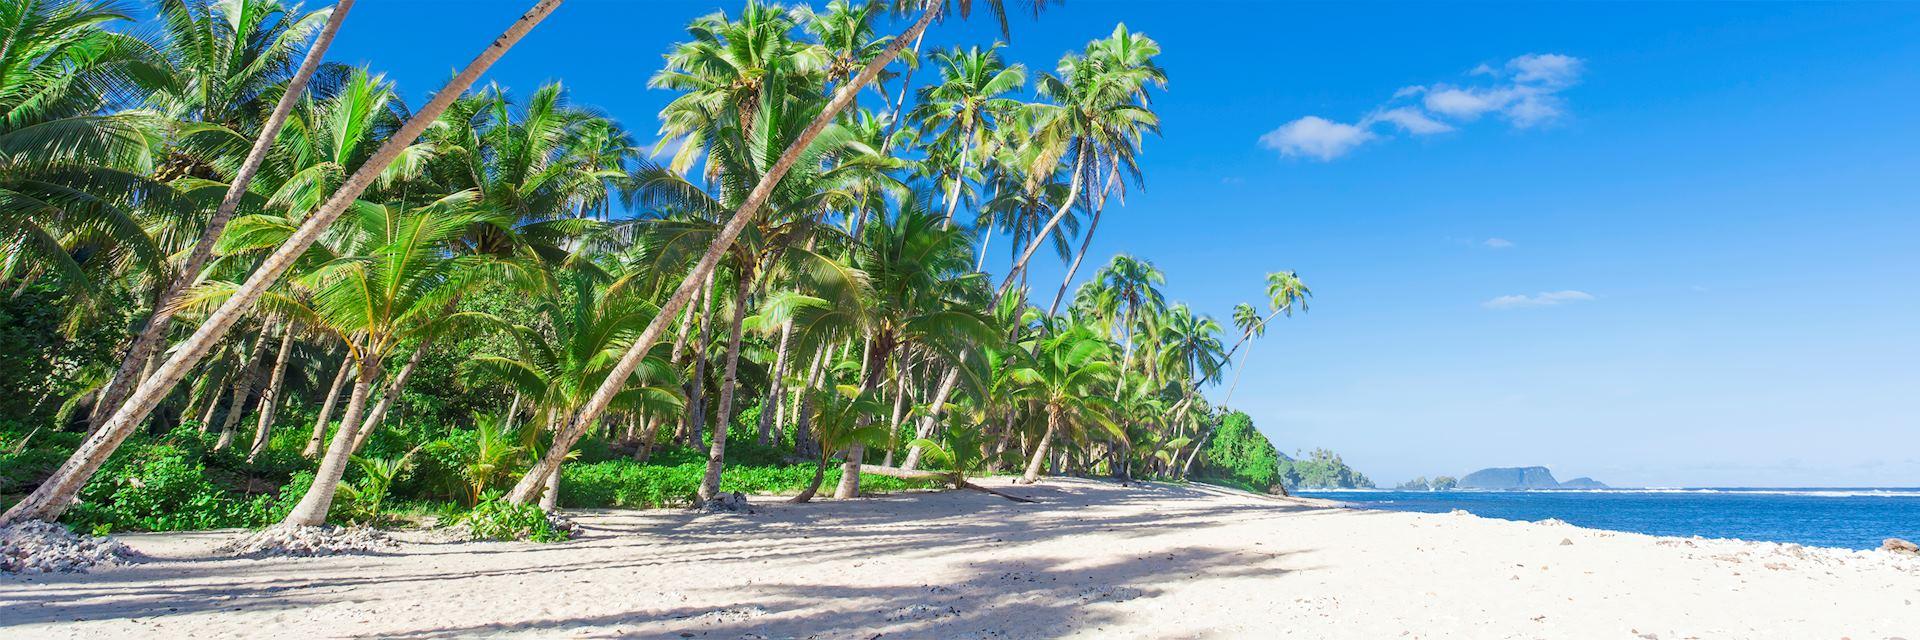 Pristine beach, Samoa